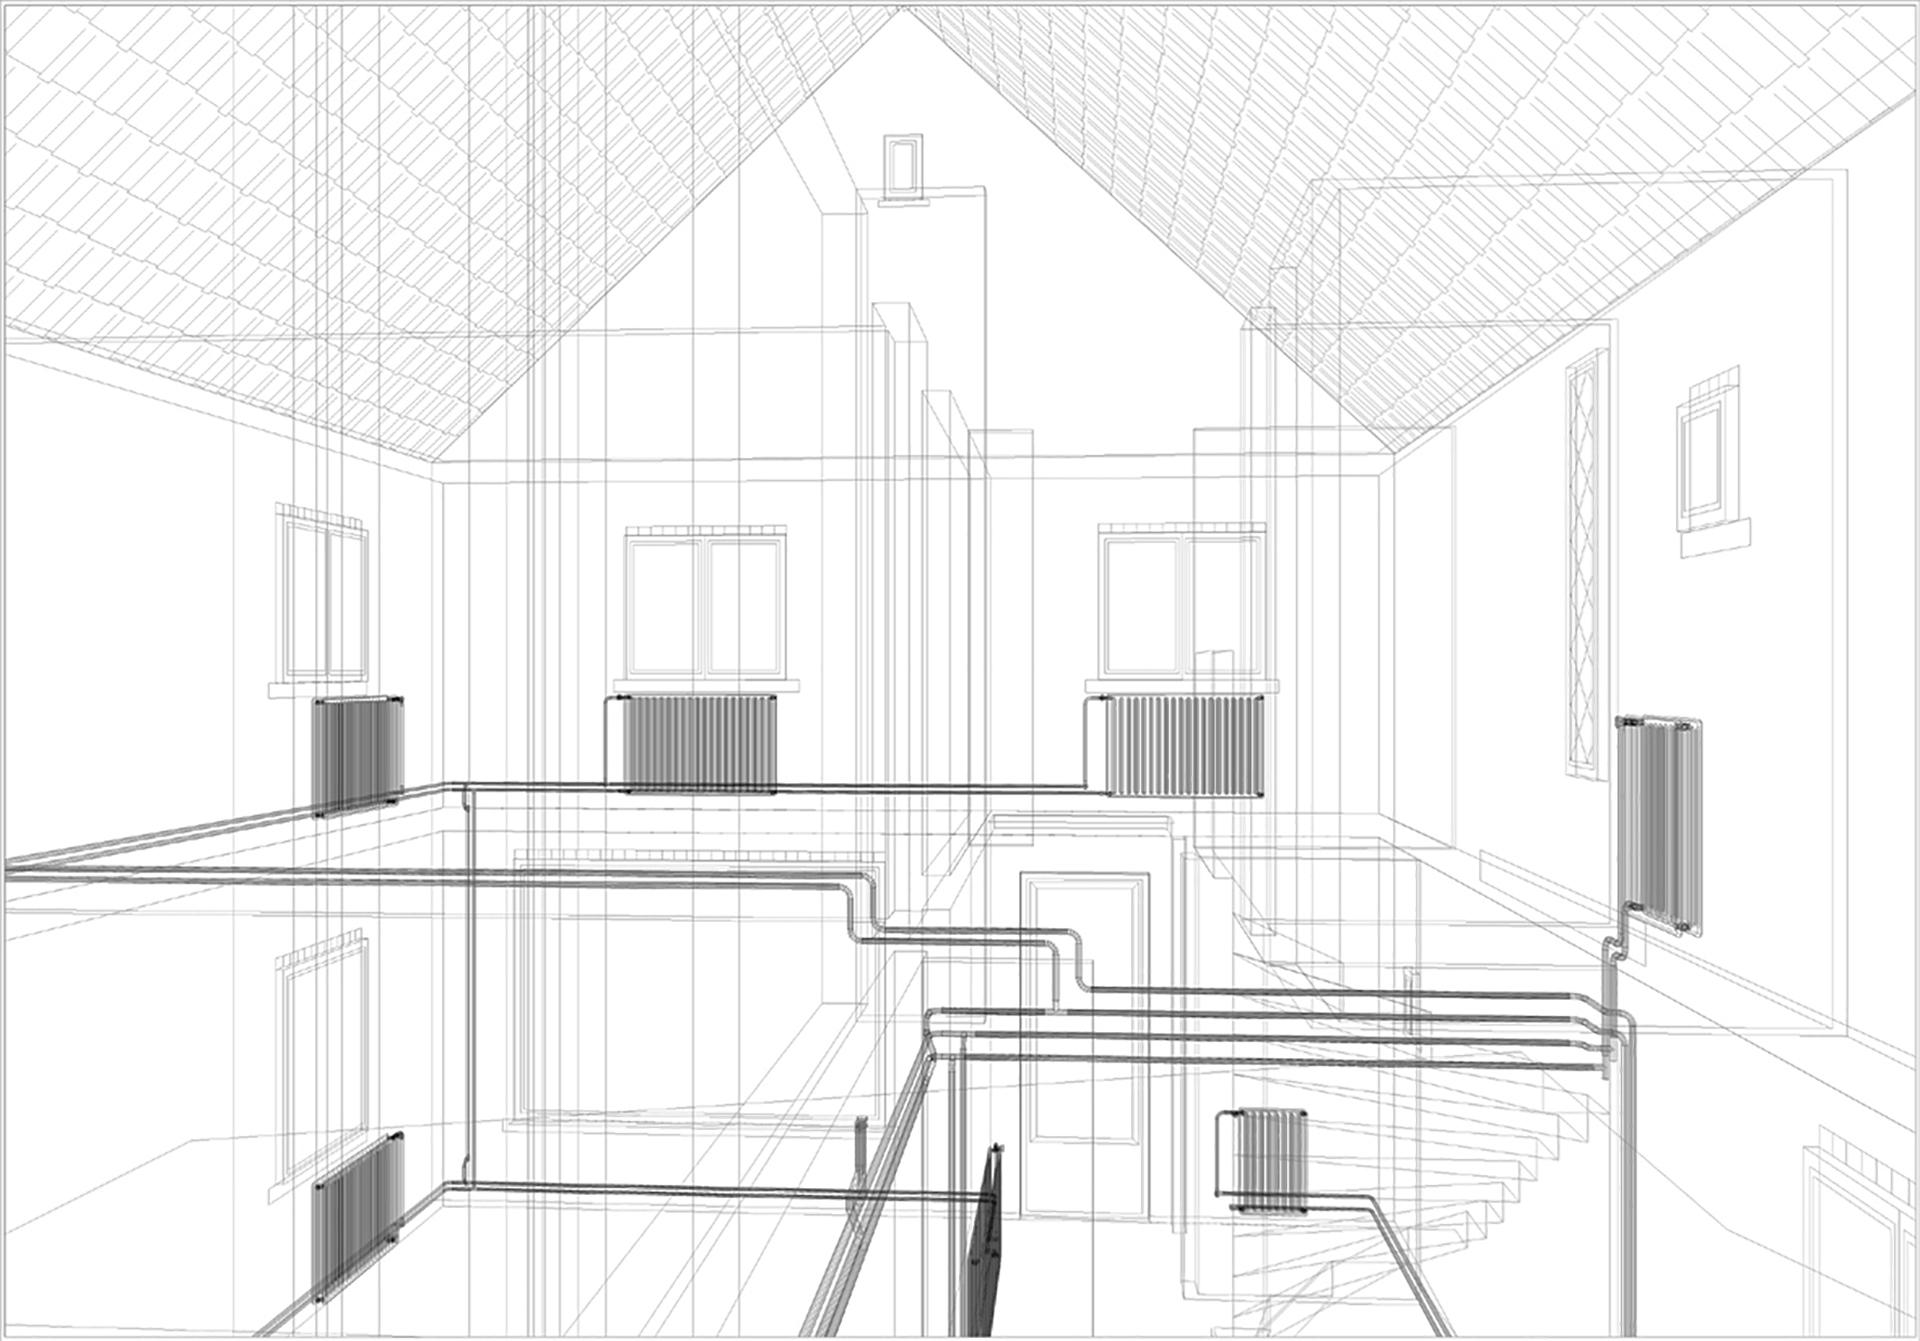 tekening van het verwarmingsbuizen systeem in het ouderlijk huis